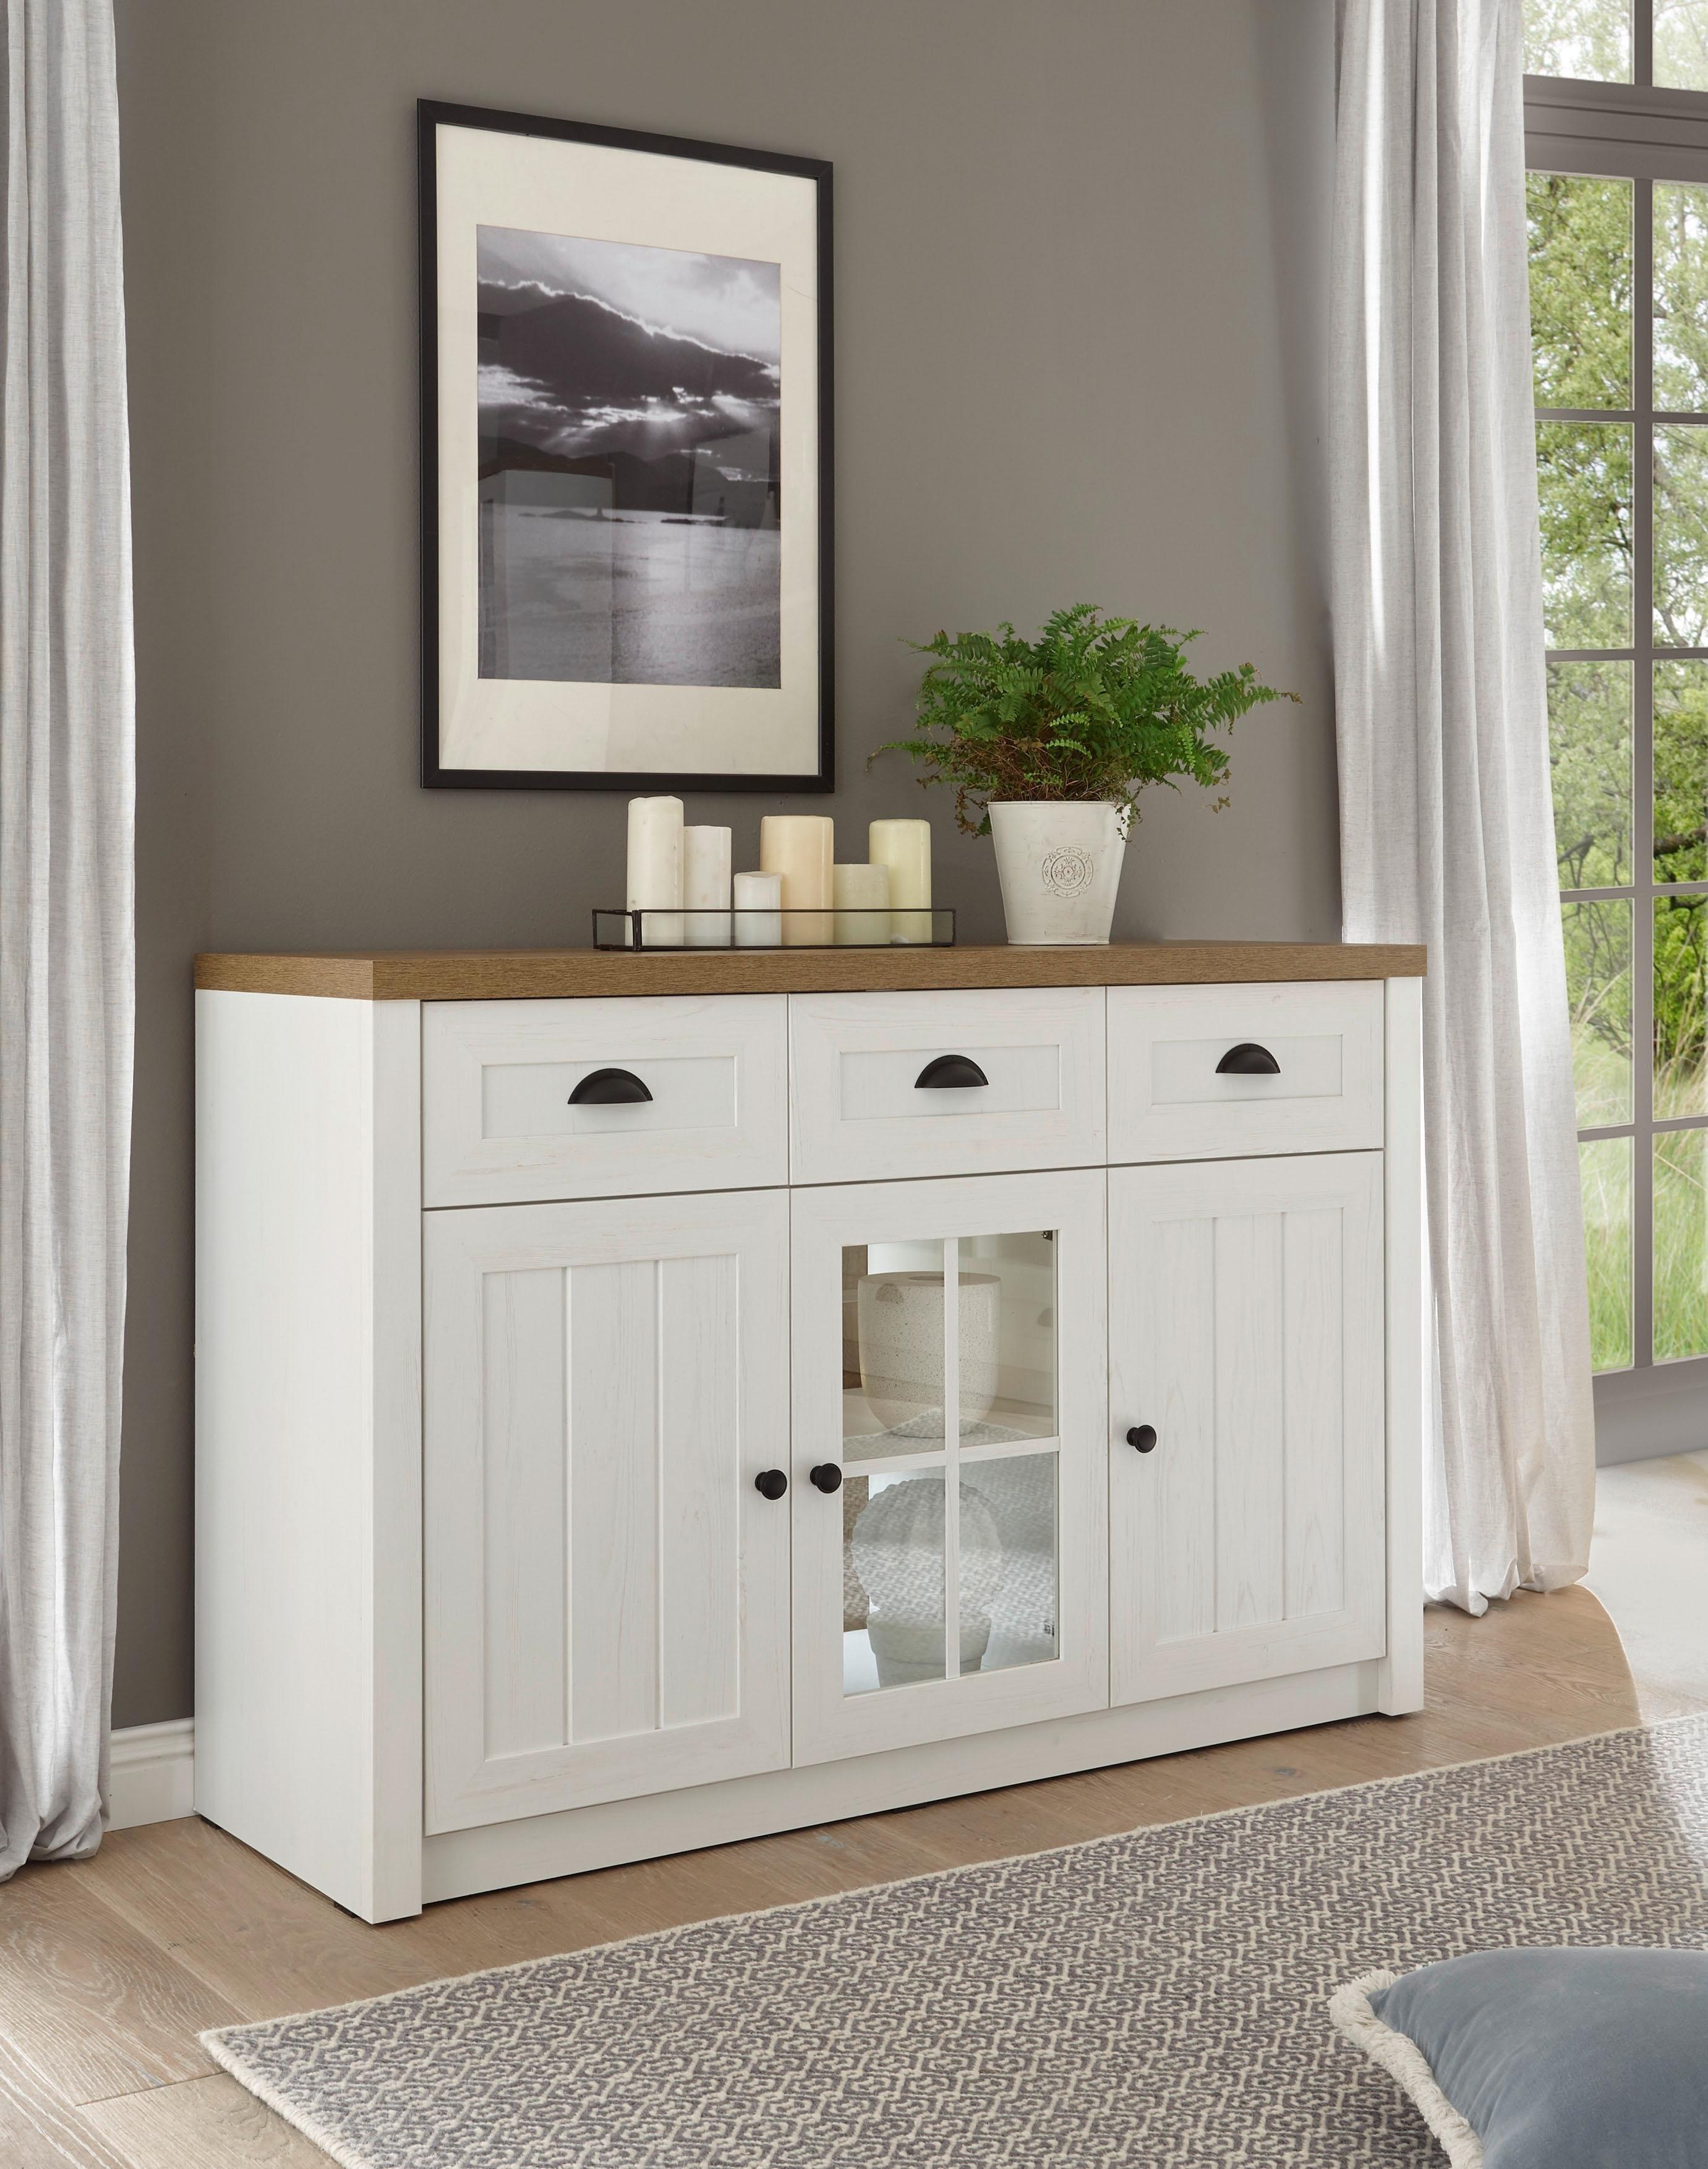 Home affaire dressoir »Beauvais« goedkoop op otto.nl kopen